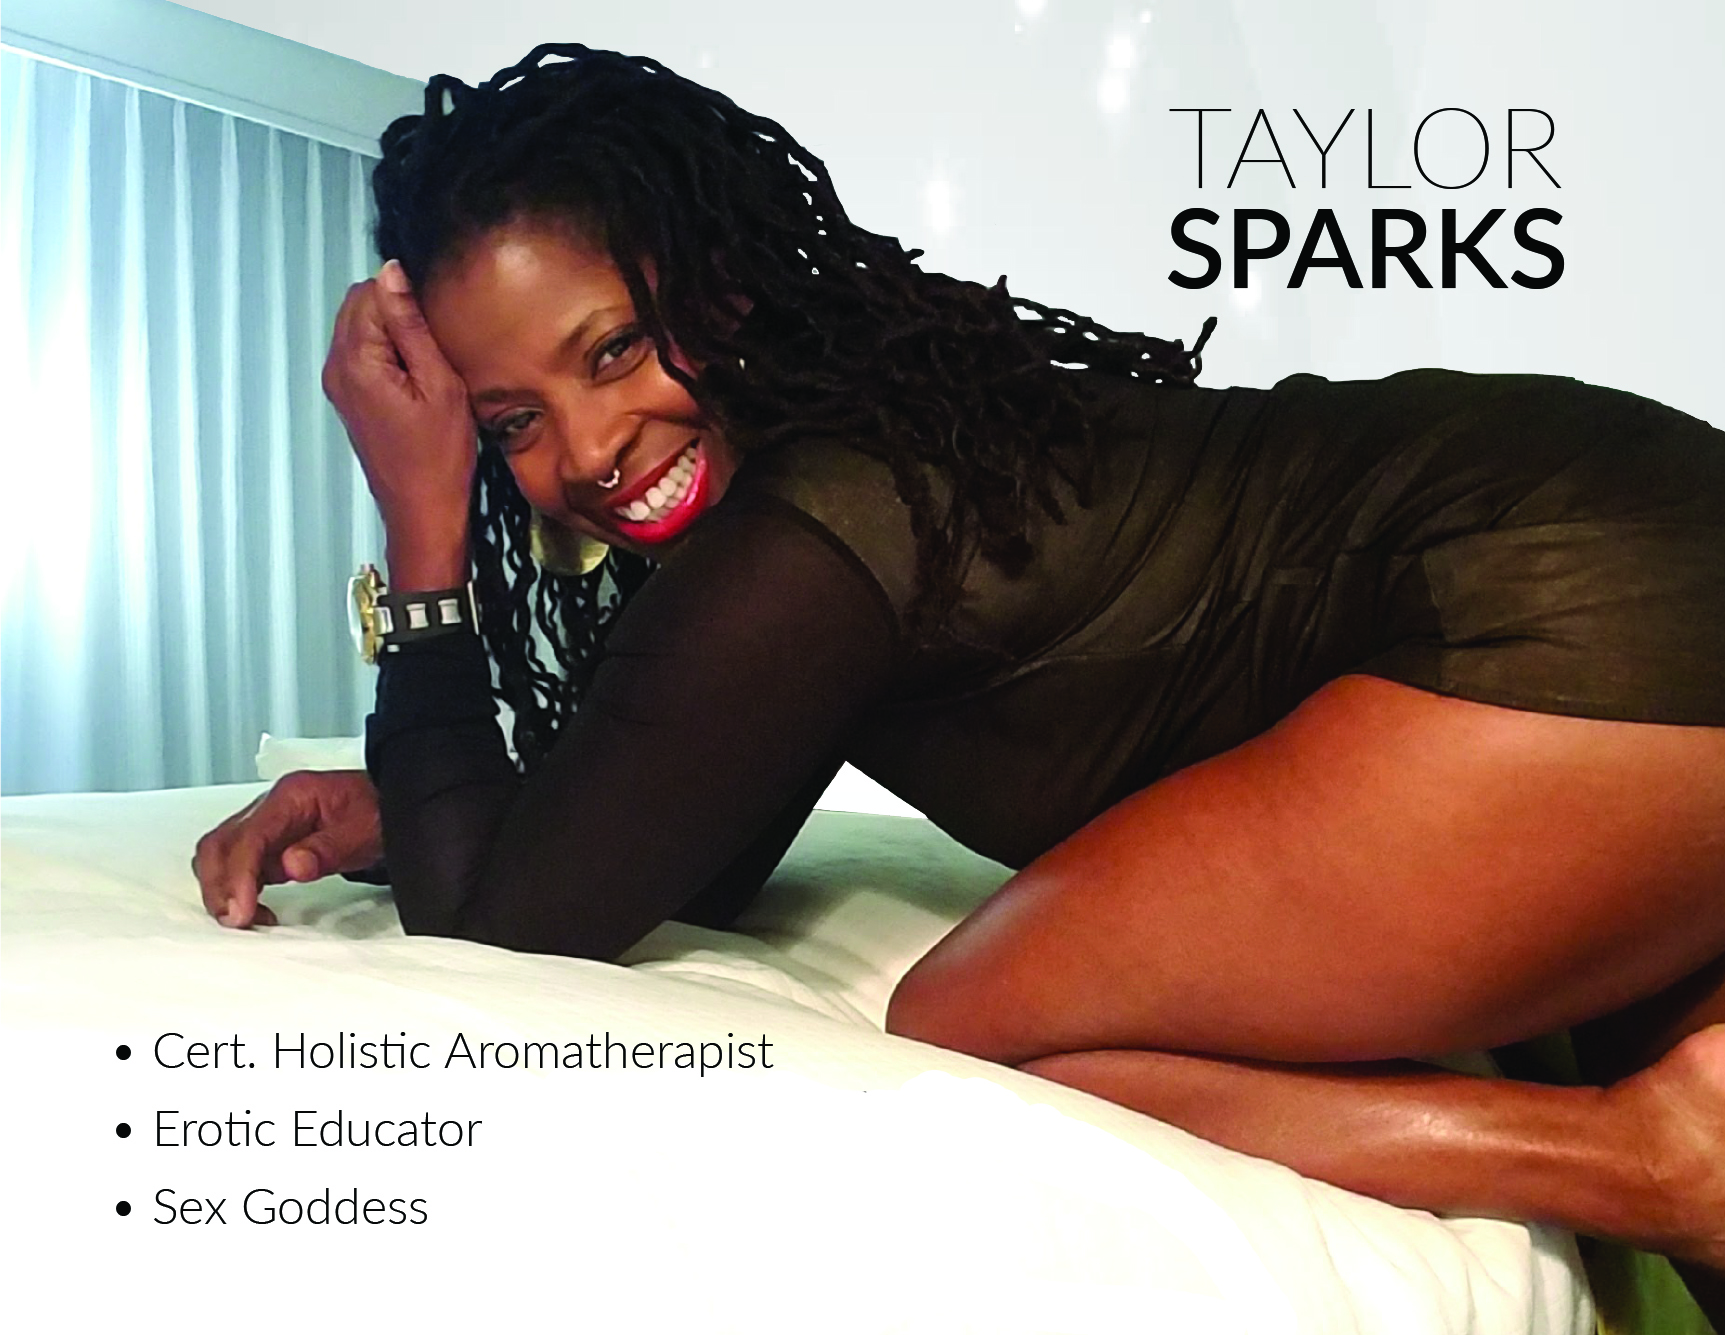 taylor-sparks-postcard-front.jpg